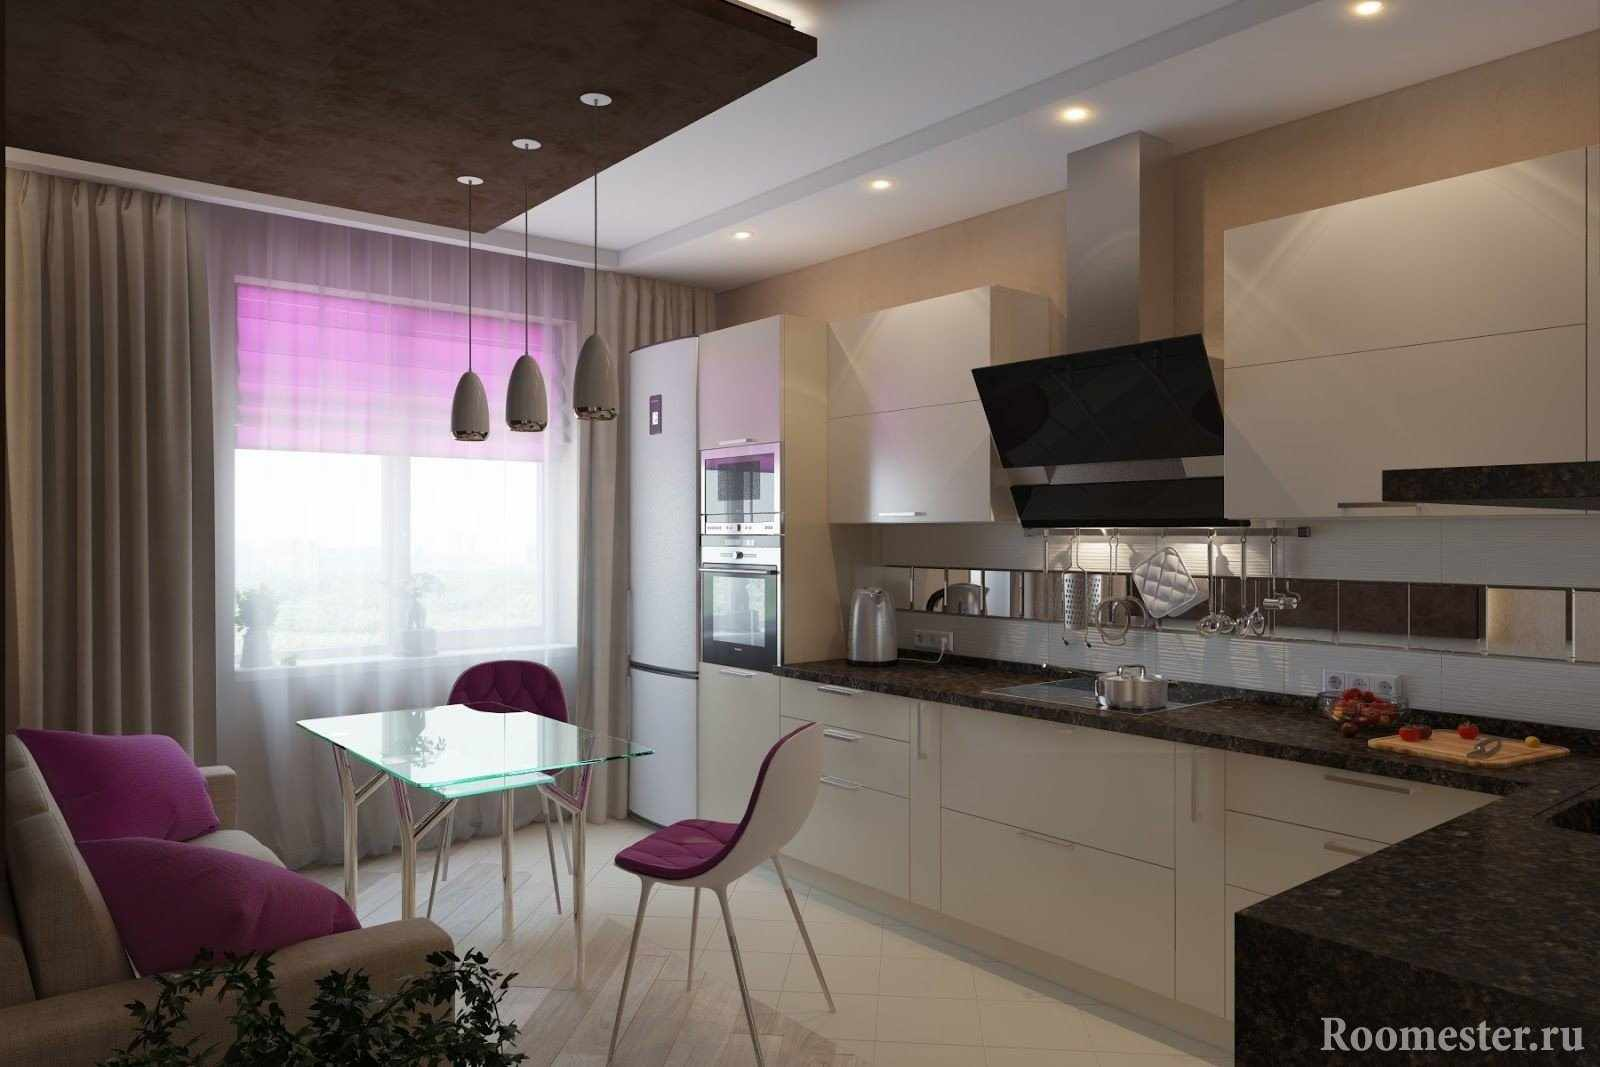 Белая кухня с сиреневыми элементами декора